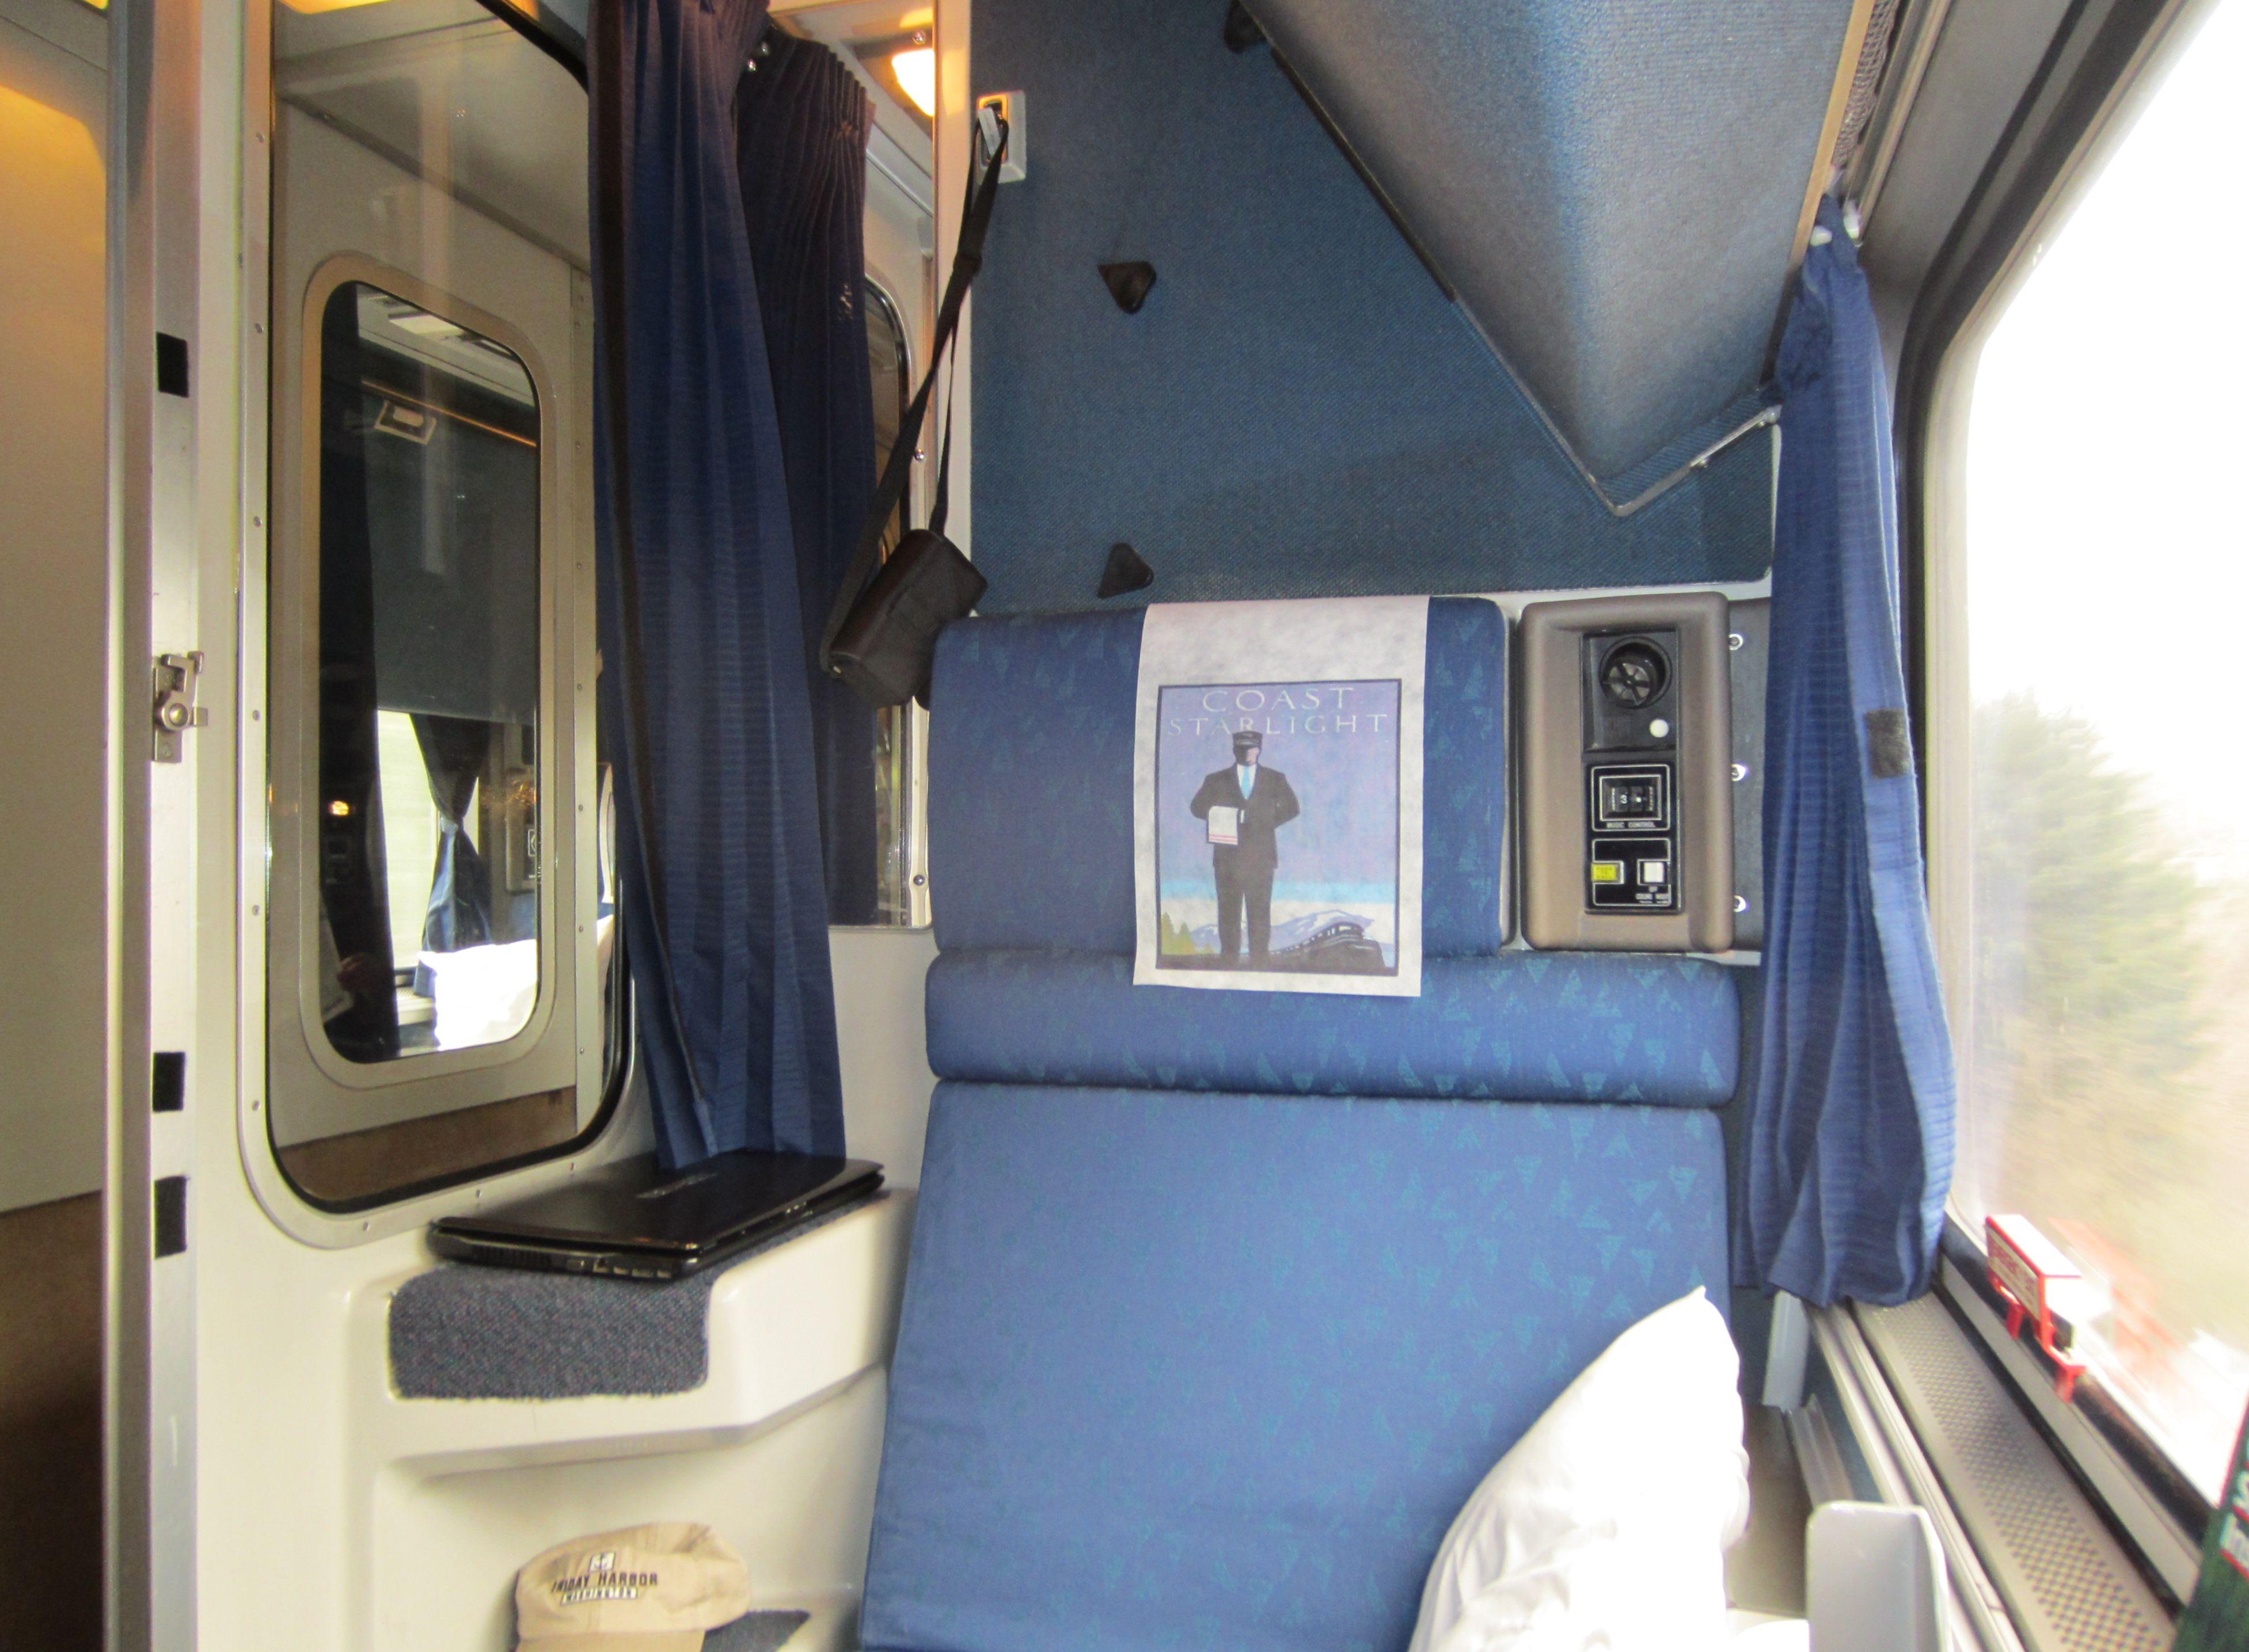 Roomette in the Amtrak Coast Starlight, March 2012 | Train ...